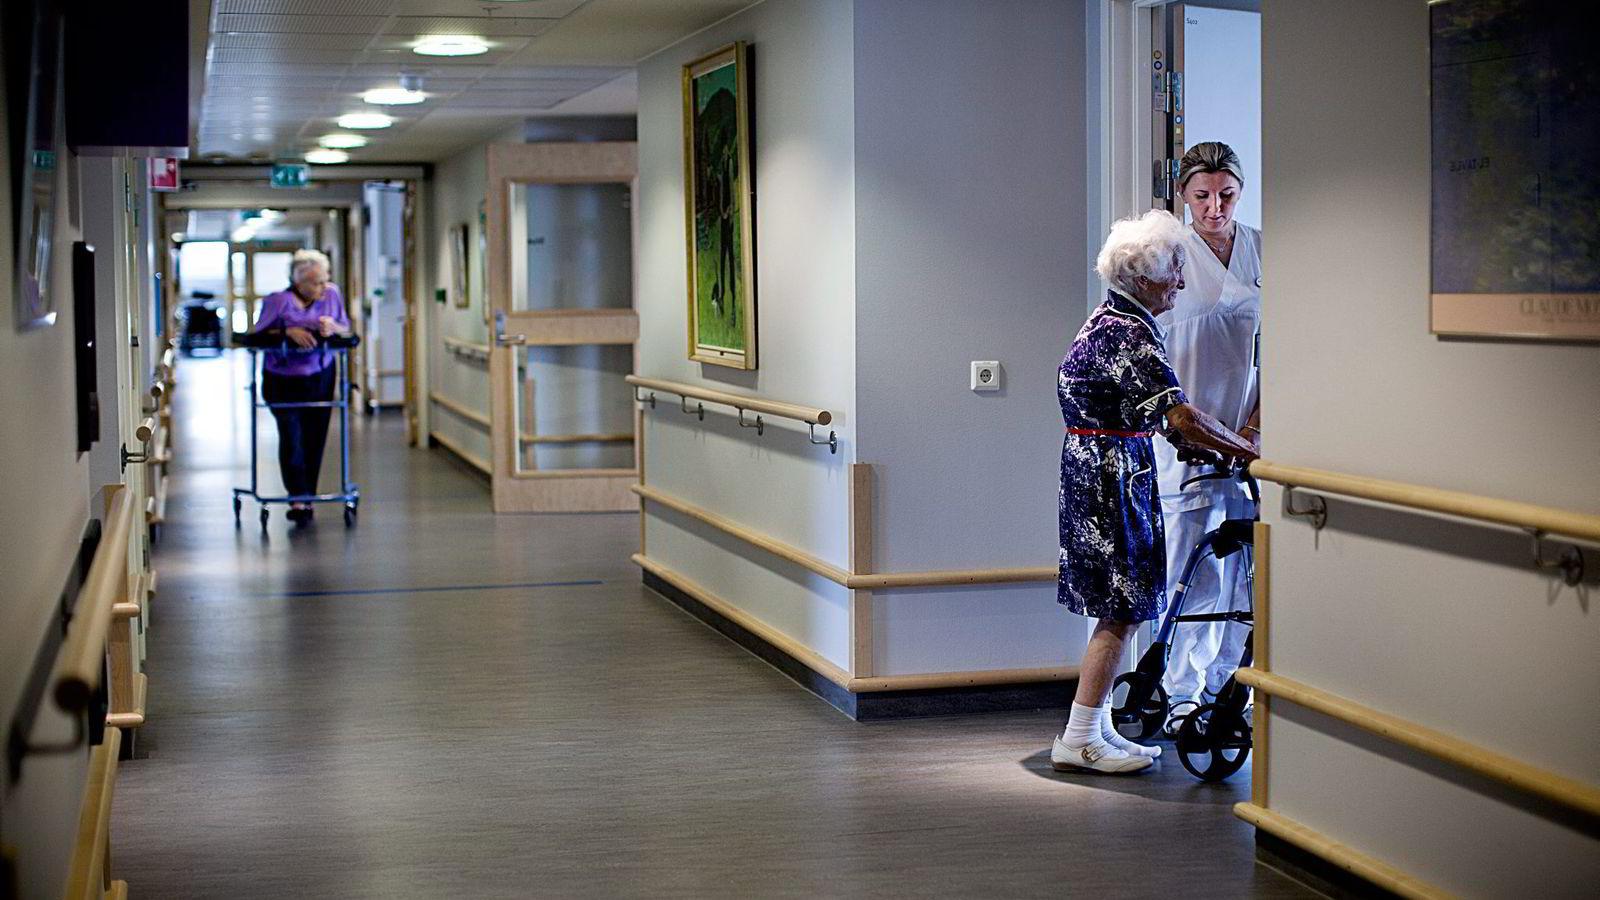 «Det er mange likheter mellom reformen i England og innføringen av fritt sykehusvalg i Norge», skriver kronikkforfatteren. Bildet er fra et sykehjem i Norge. Foto: